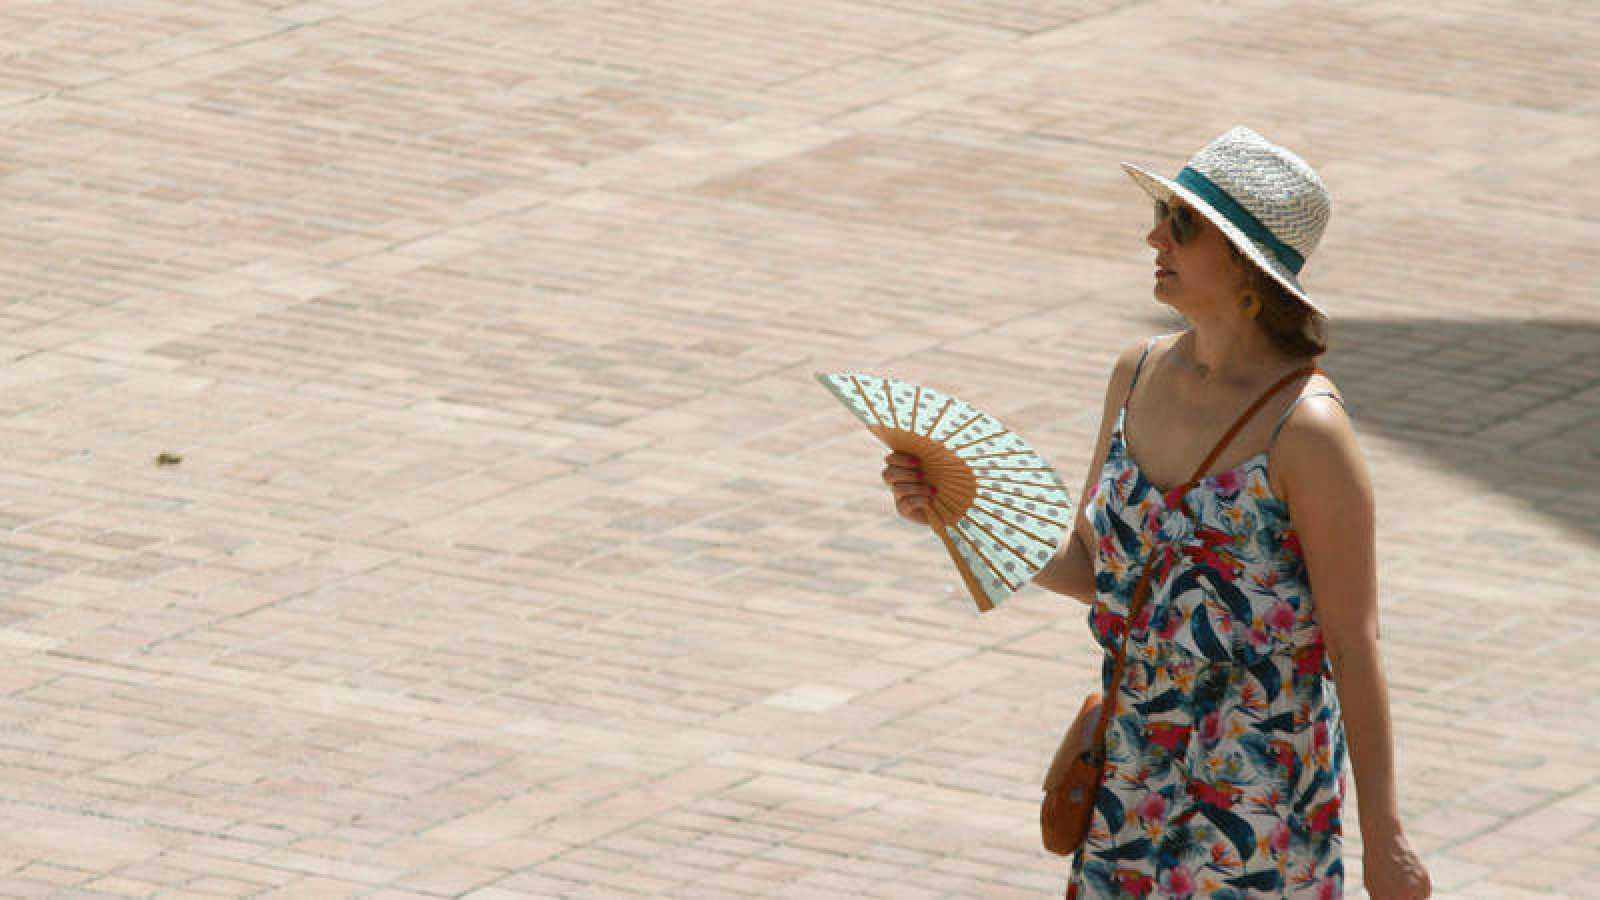 Una mujer se abanica mientras camina por la calle en una jornada en la que las previsiones apuntan al aumento de las temperaturas.